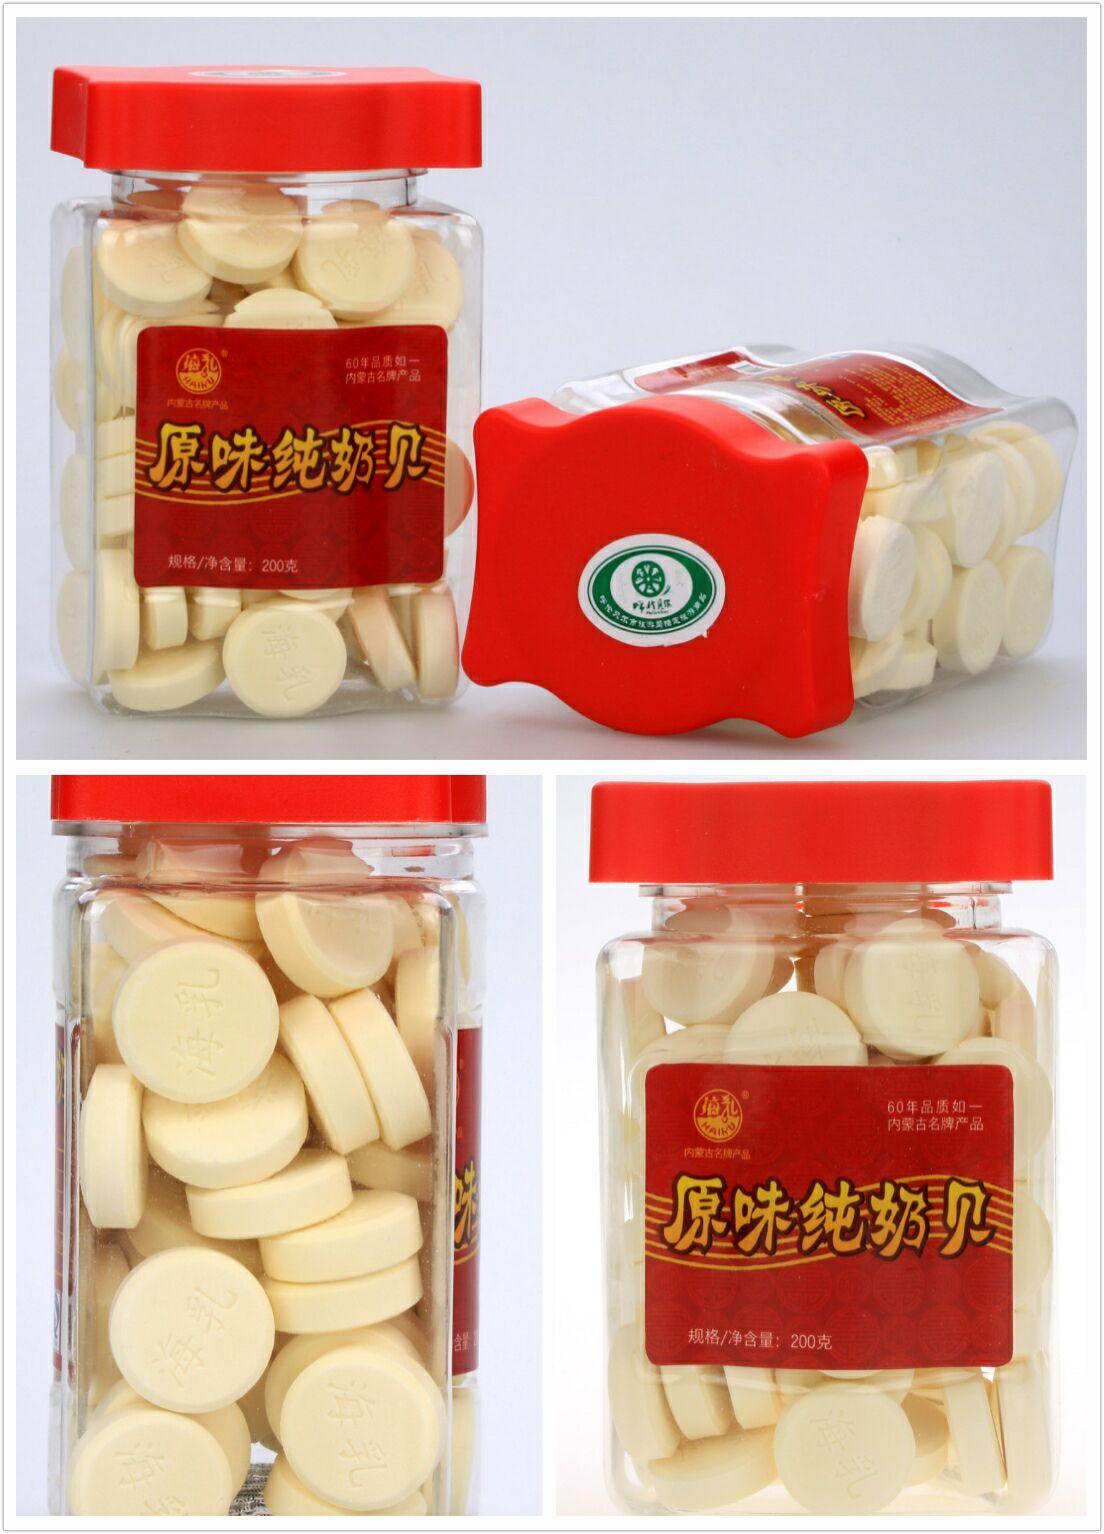 200g 呼伦贝尔特产海乳纯牛奶原味贝奶片干吃奶茶 瓶包邮 3 特价